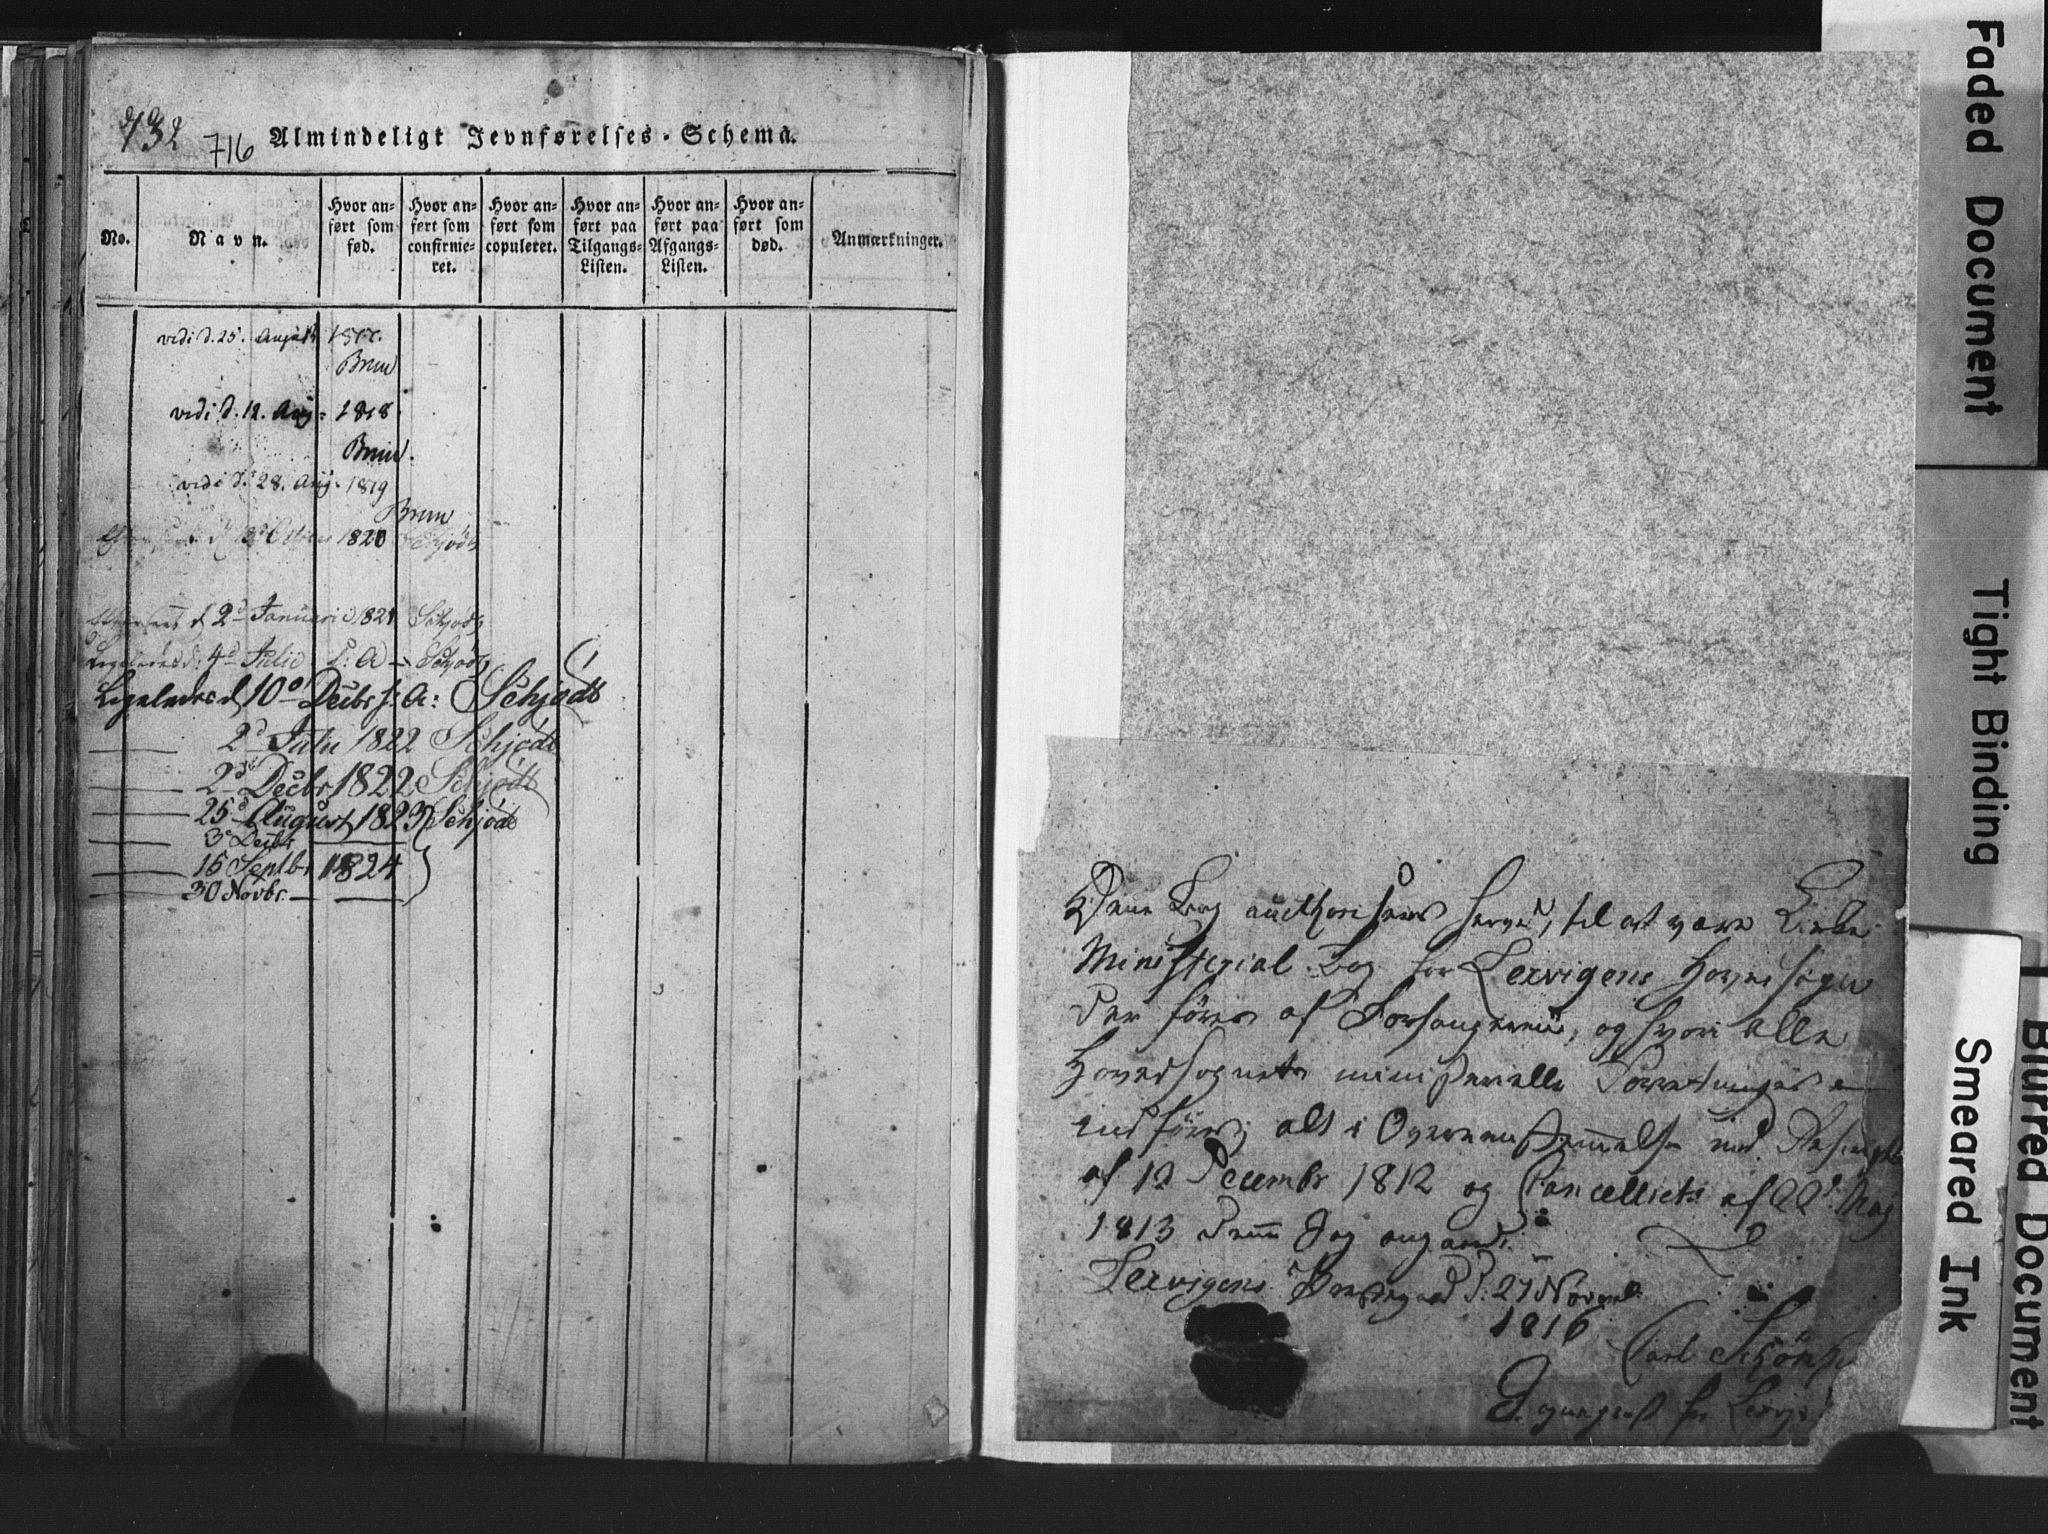 SAT, Ministerialprotokoller, klokkerbøker og fødselsregistre - Nord-Trøndelag, 701/L0017: Klokkerbok nr. 701C01, 1817-1825